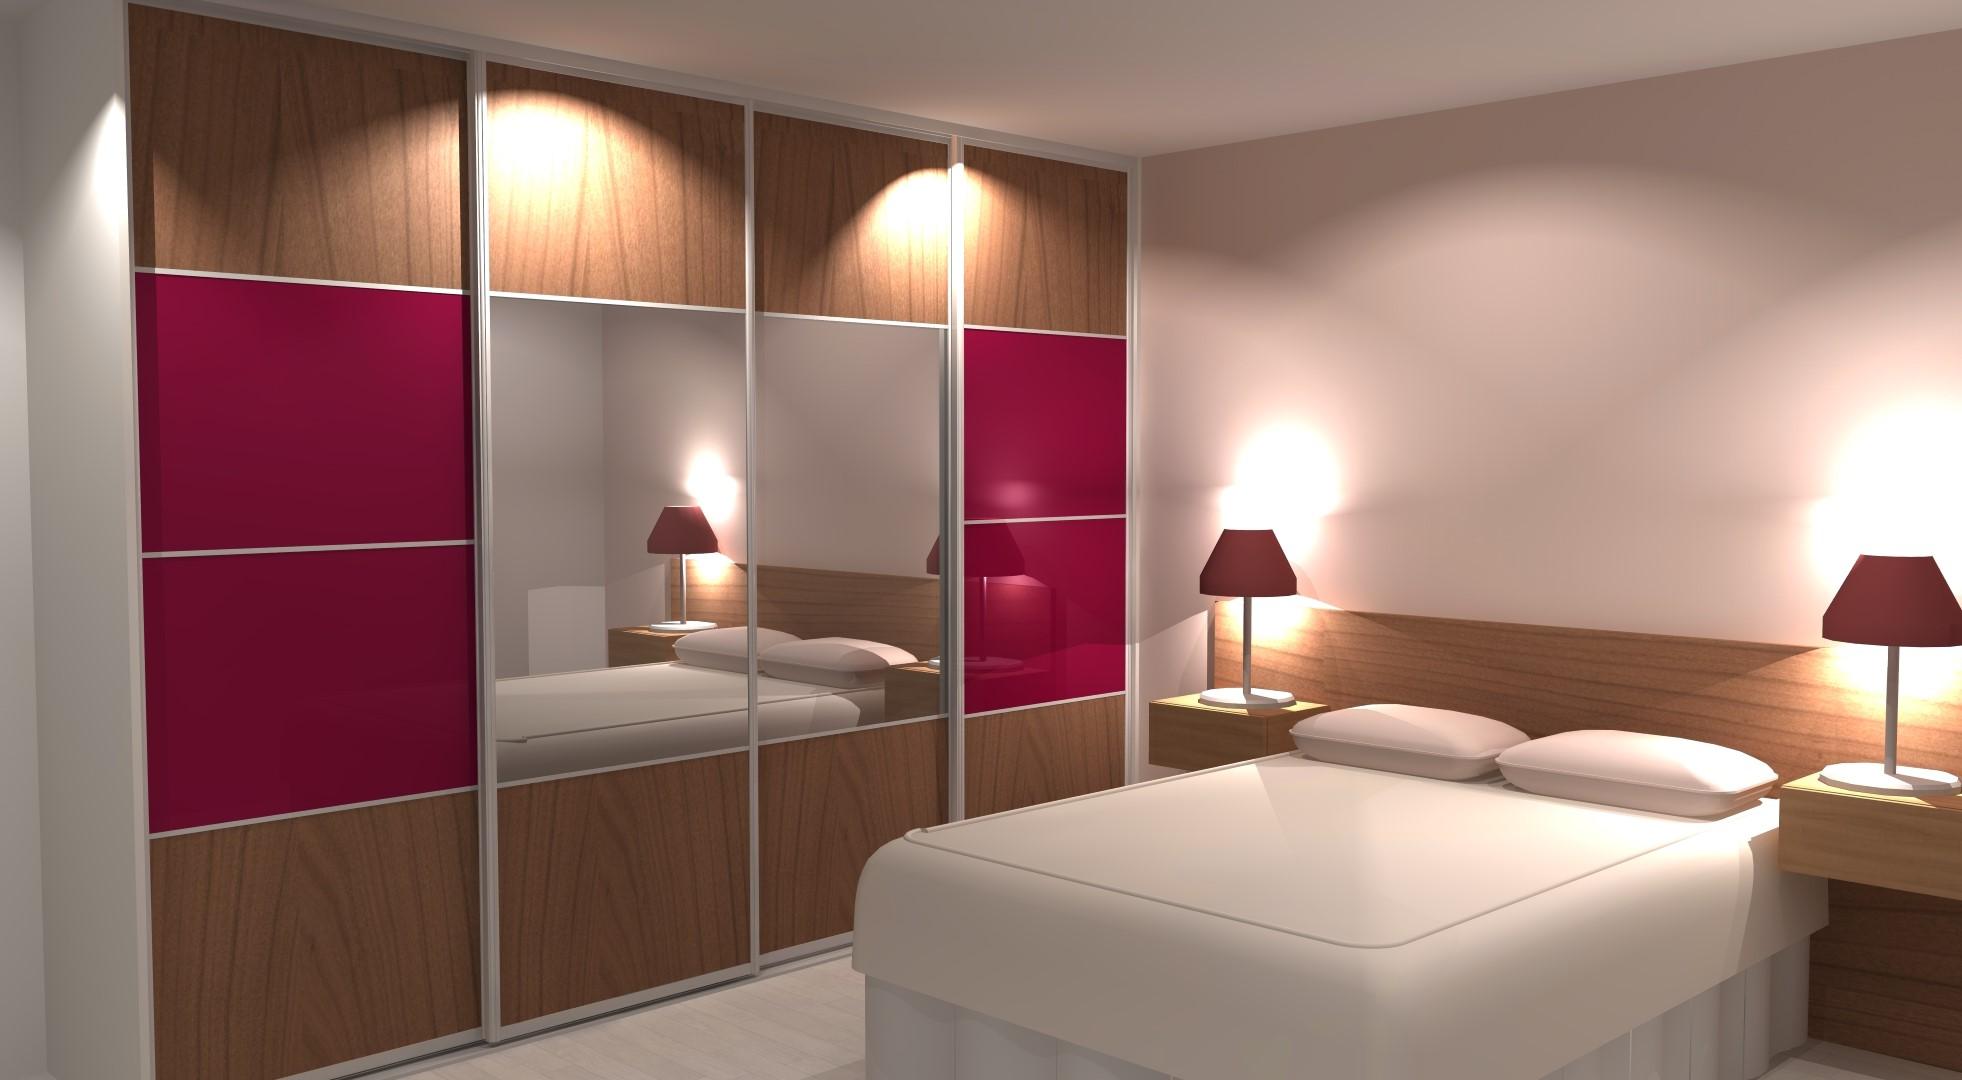 Portes coulissantes sur-mesure avec verre laqué rose pour une chambre